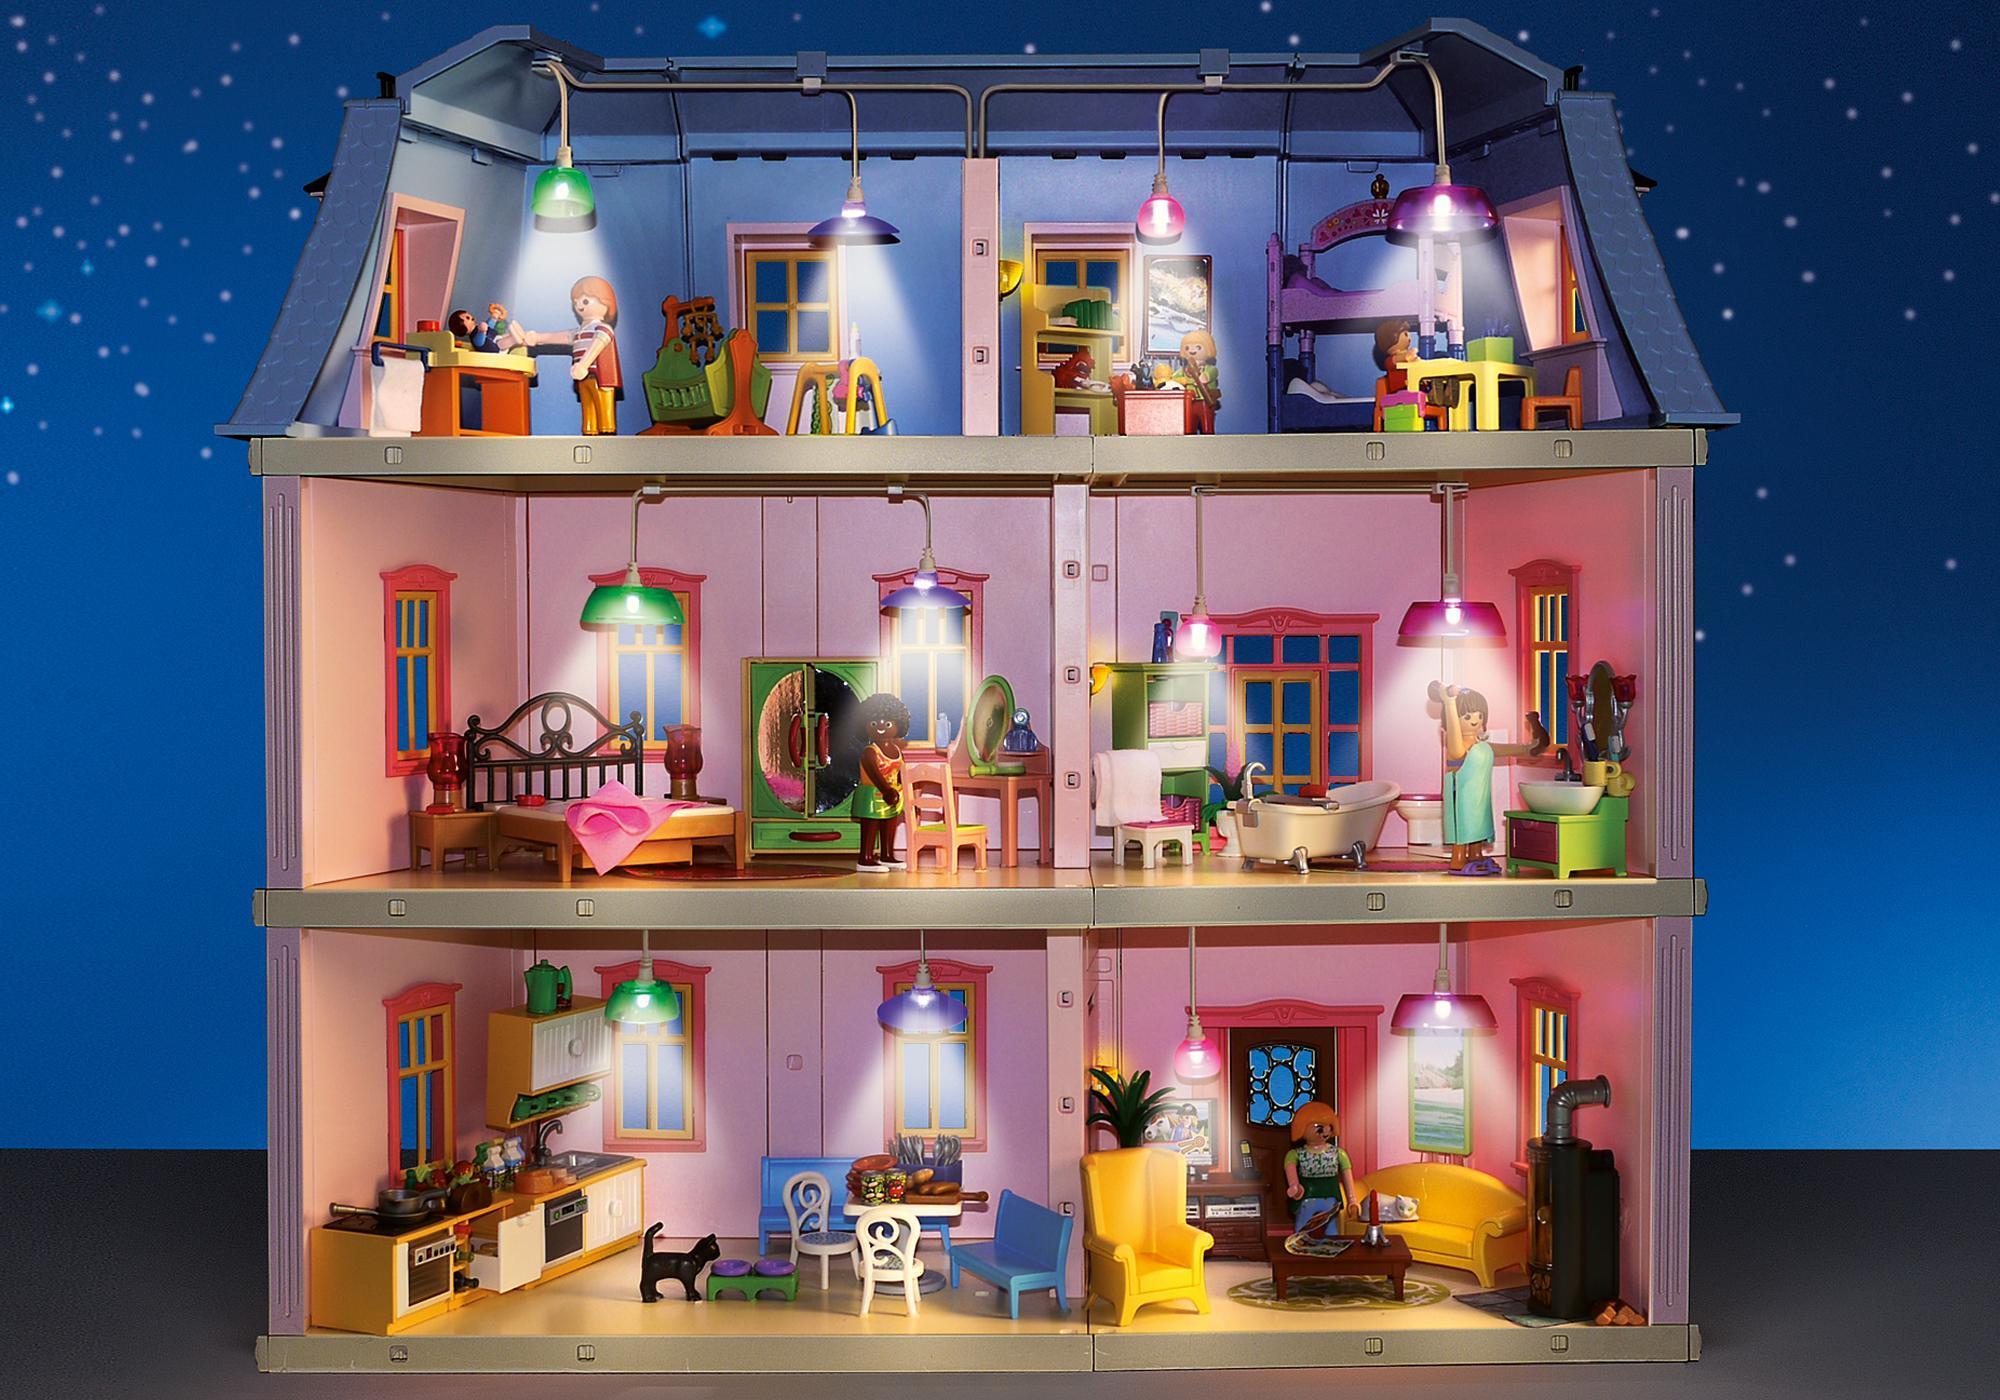 Conosciuto Set luci per Casa delle bambole - 6456 - PLAYMOBIL® Italia CO85